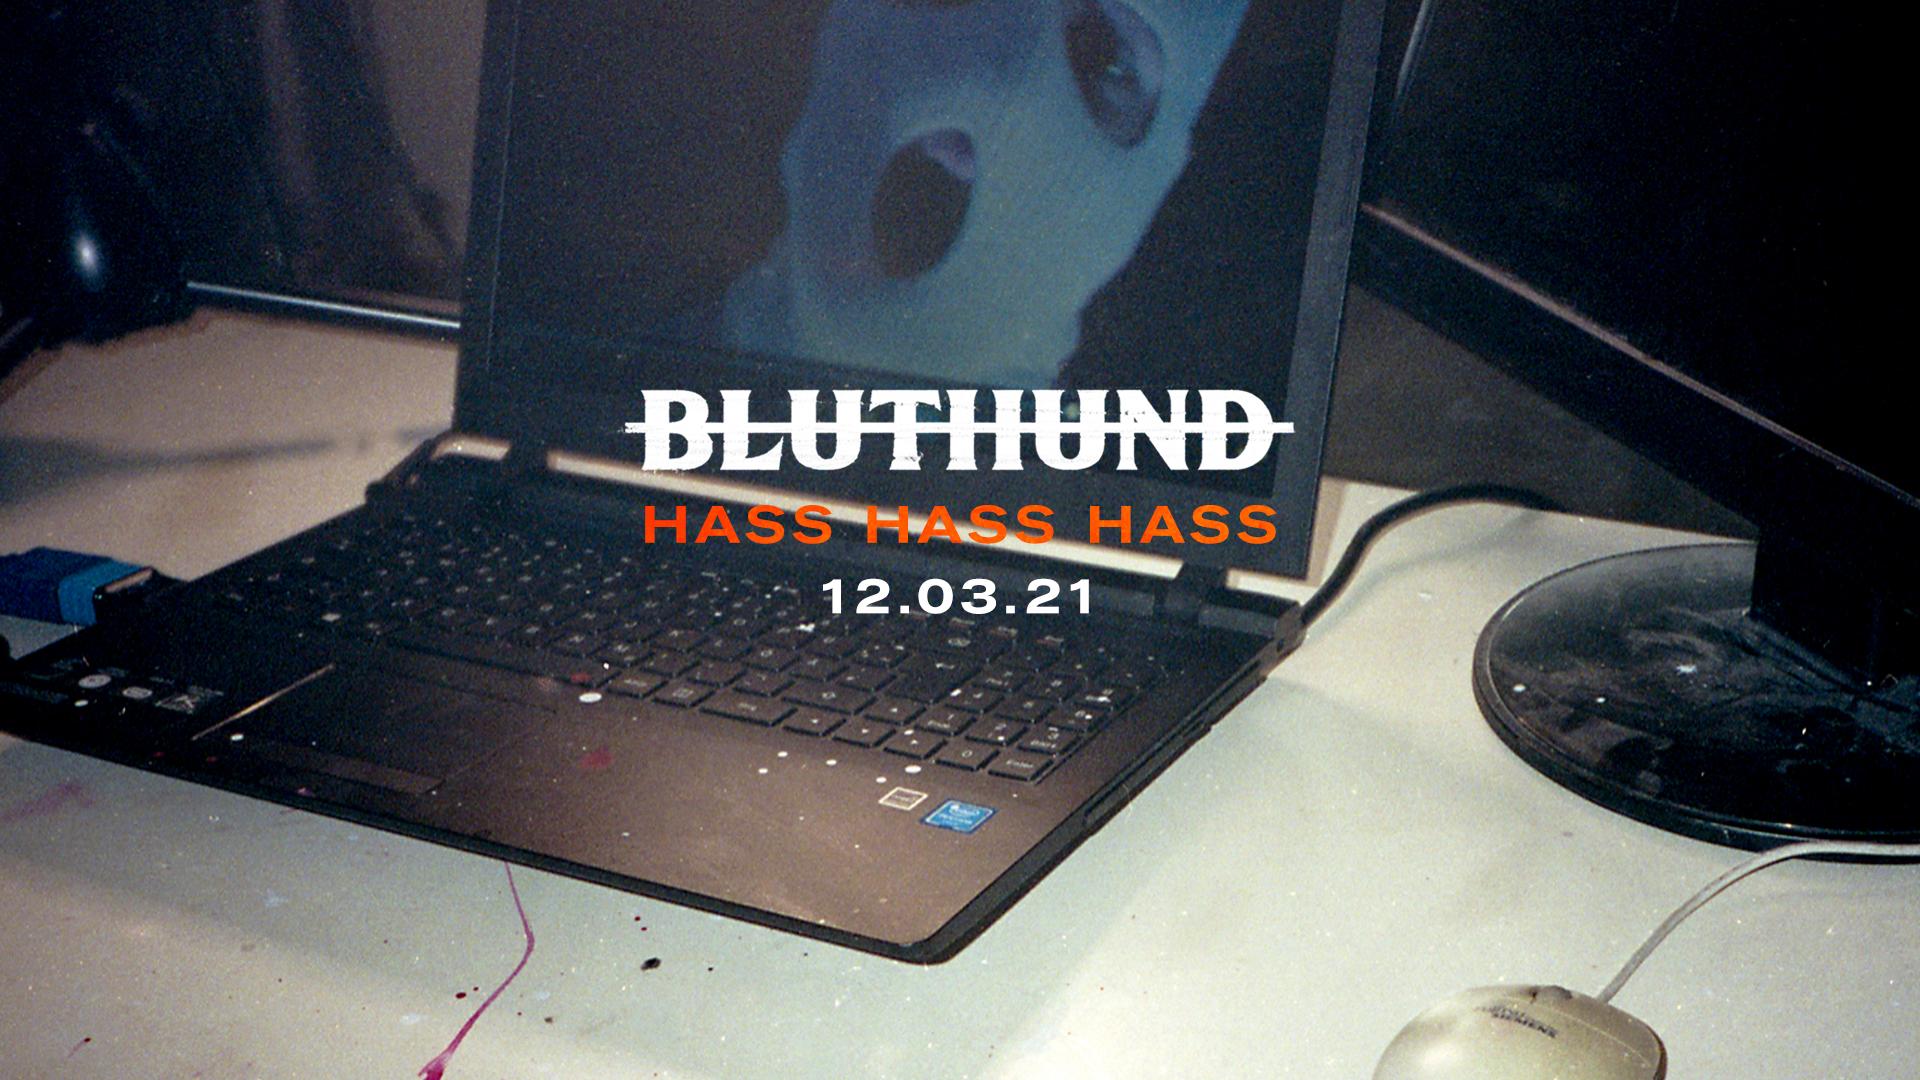 bluthund_hasshasshass_datum_FB-HEAD_1